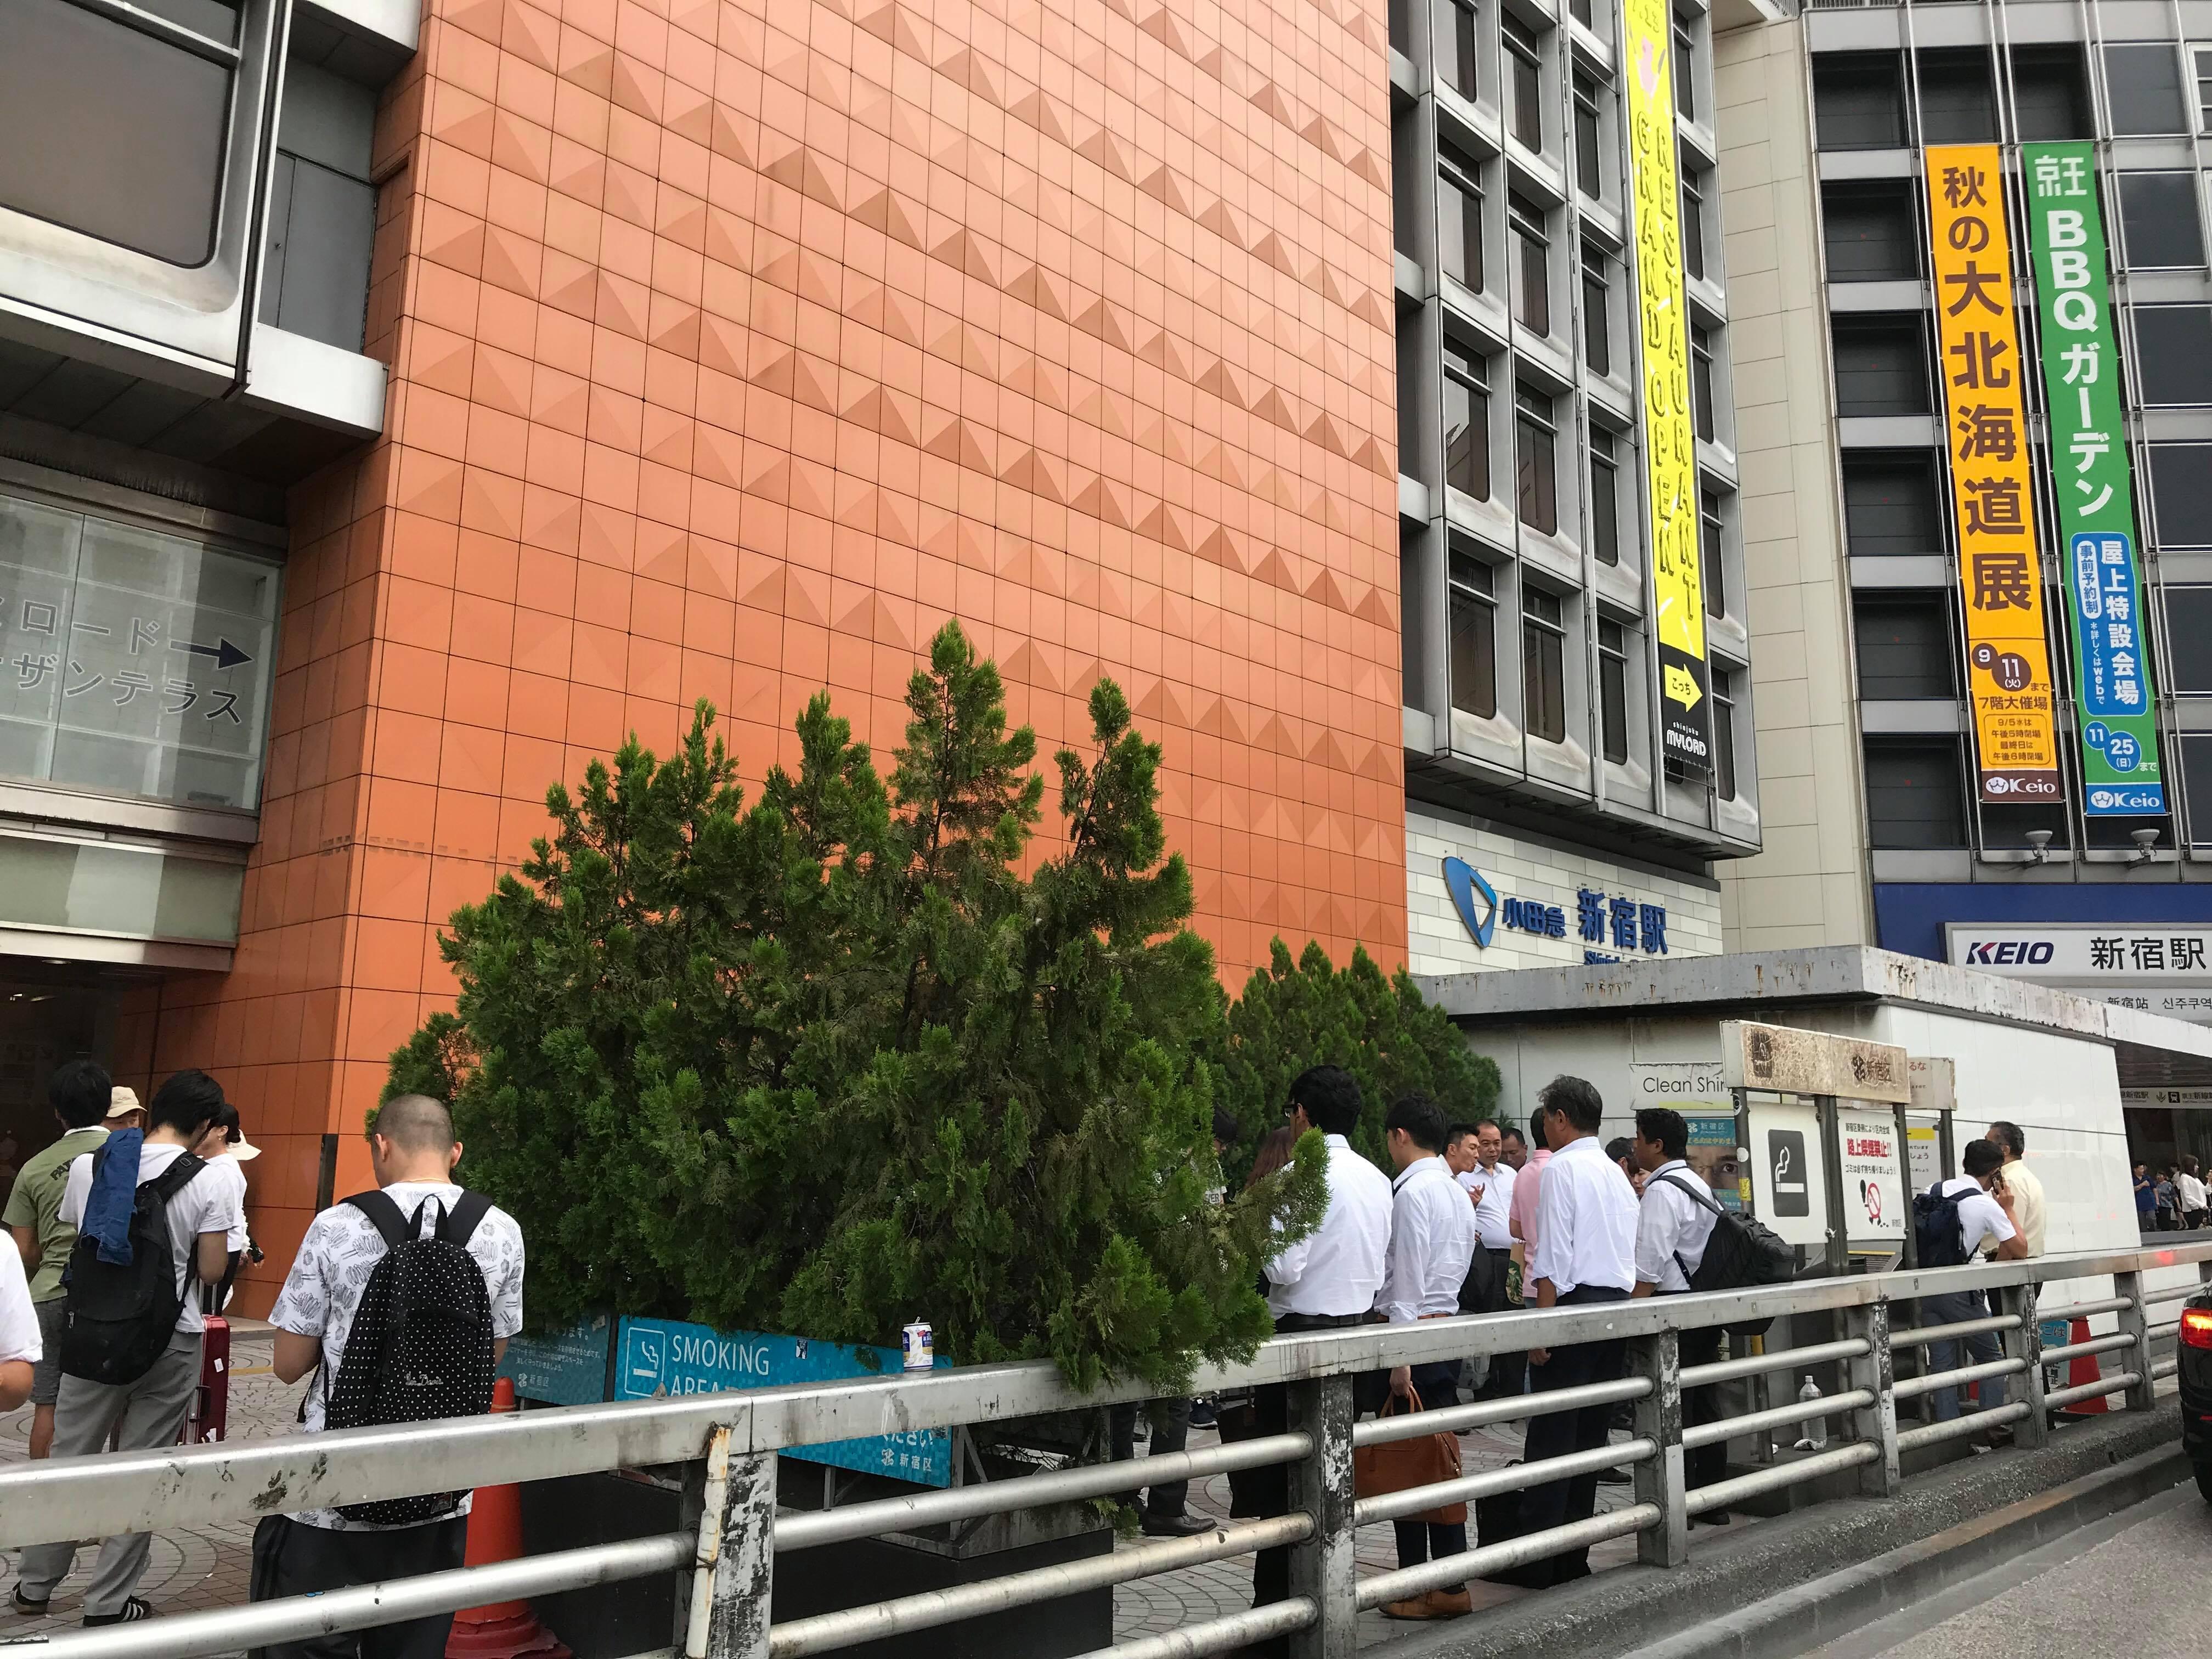 新宿西口喫煙所